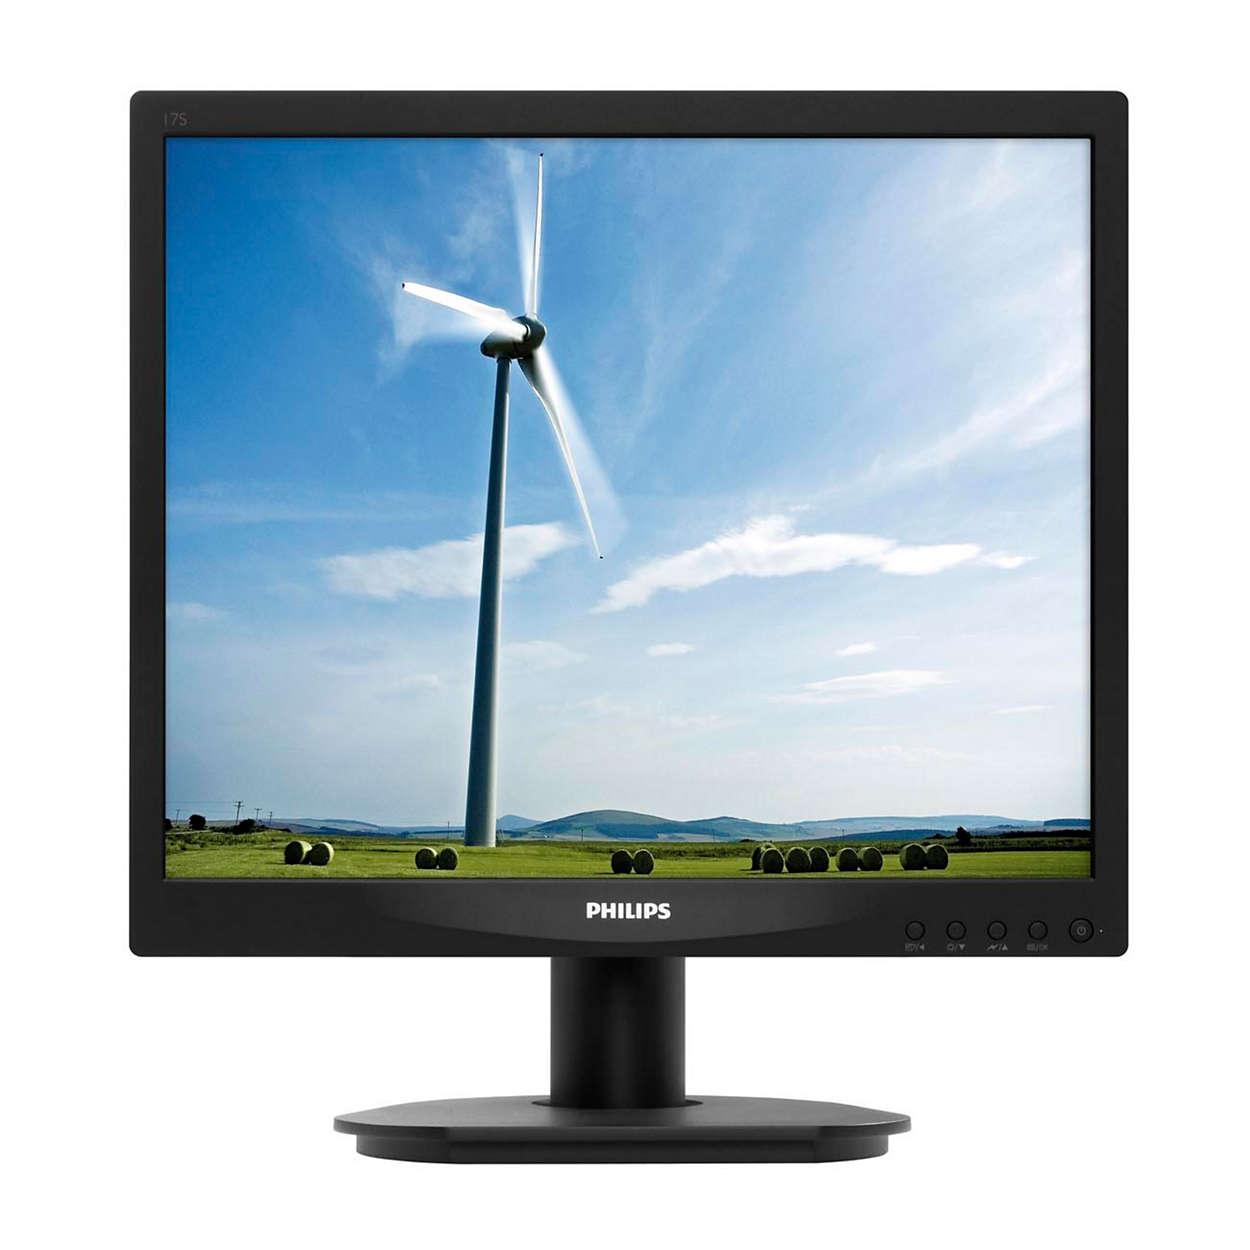 Ecrã com inúmeras funcionalidades